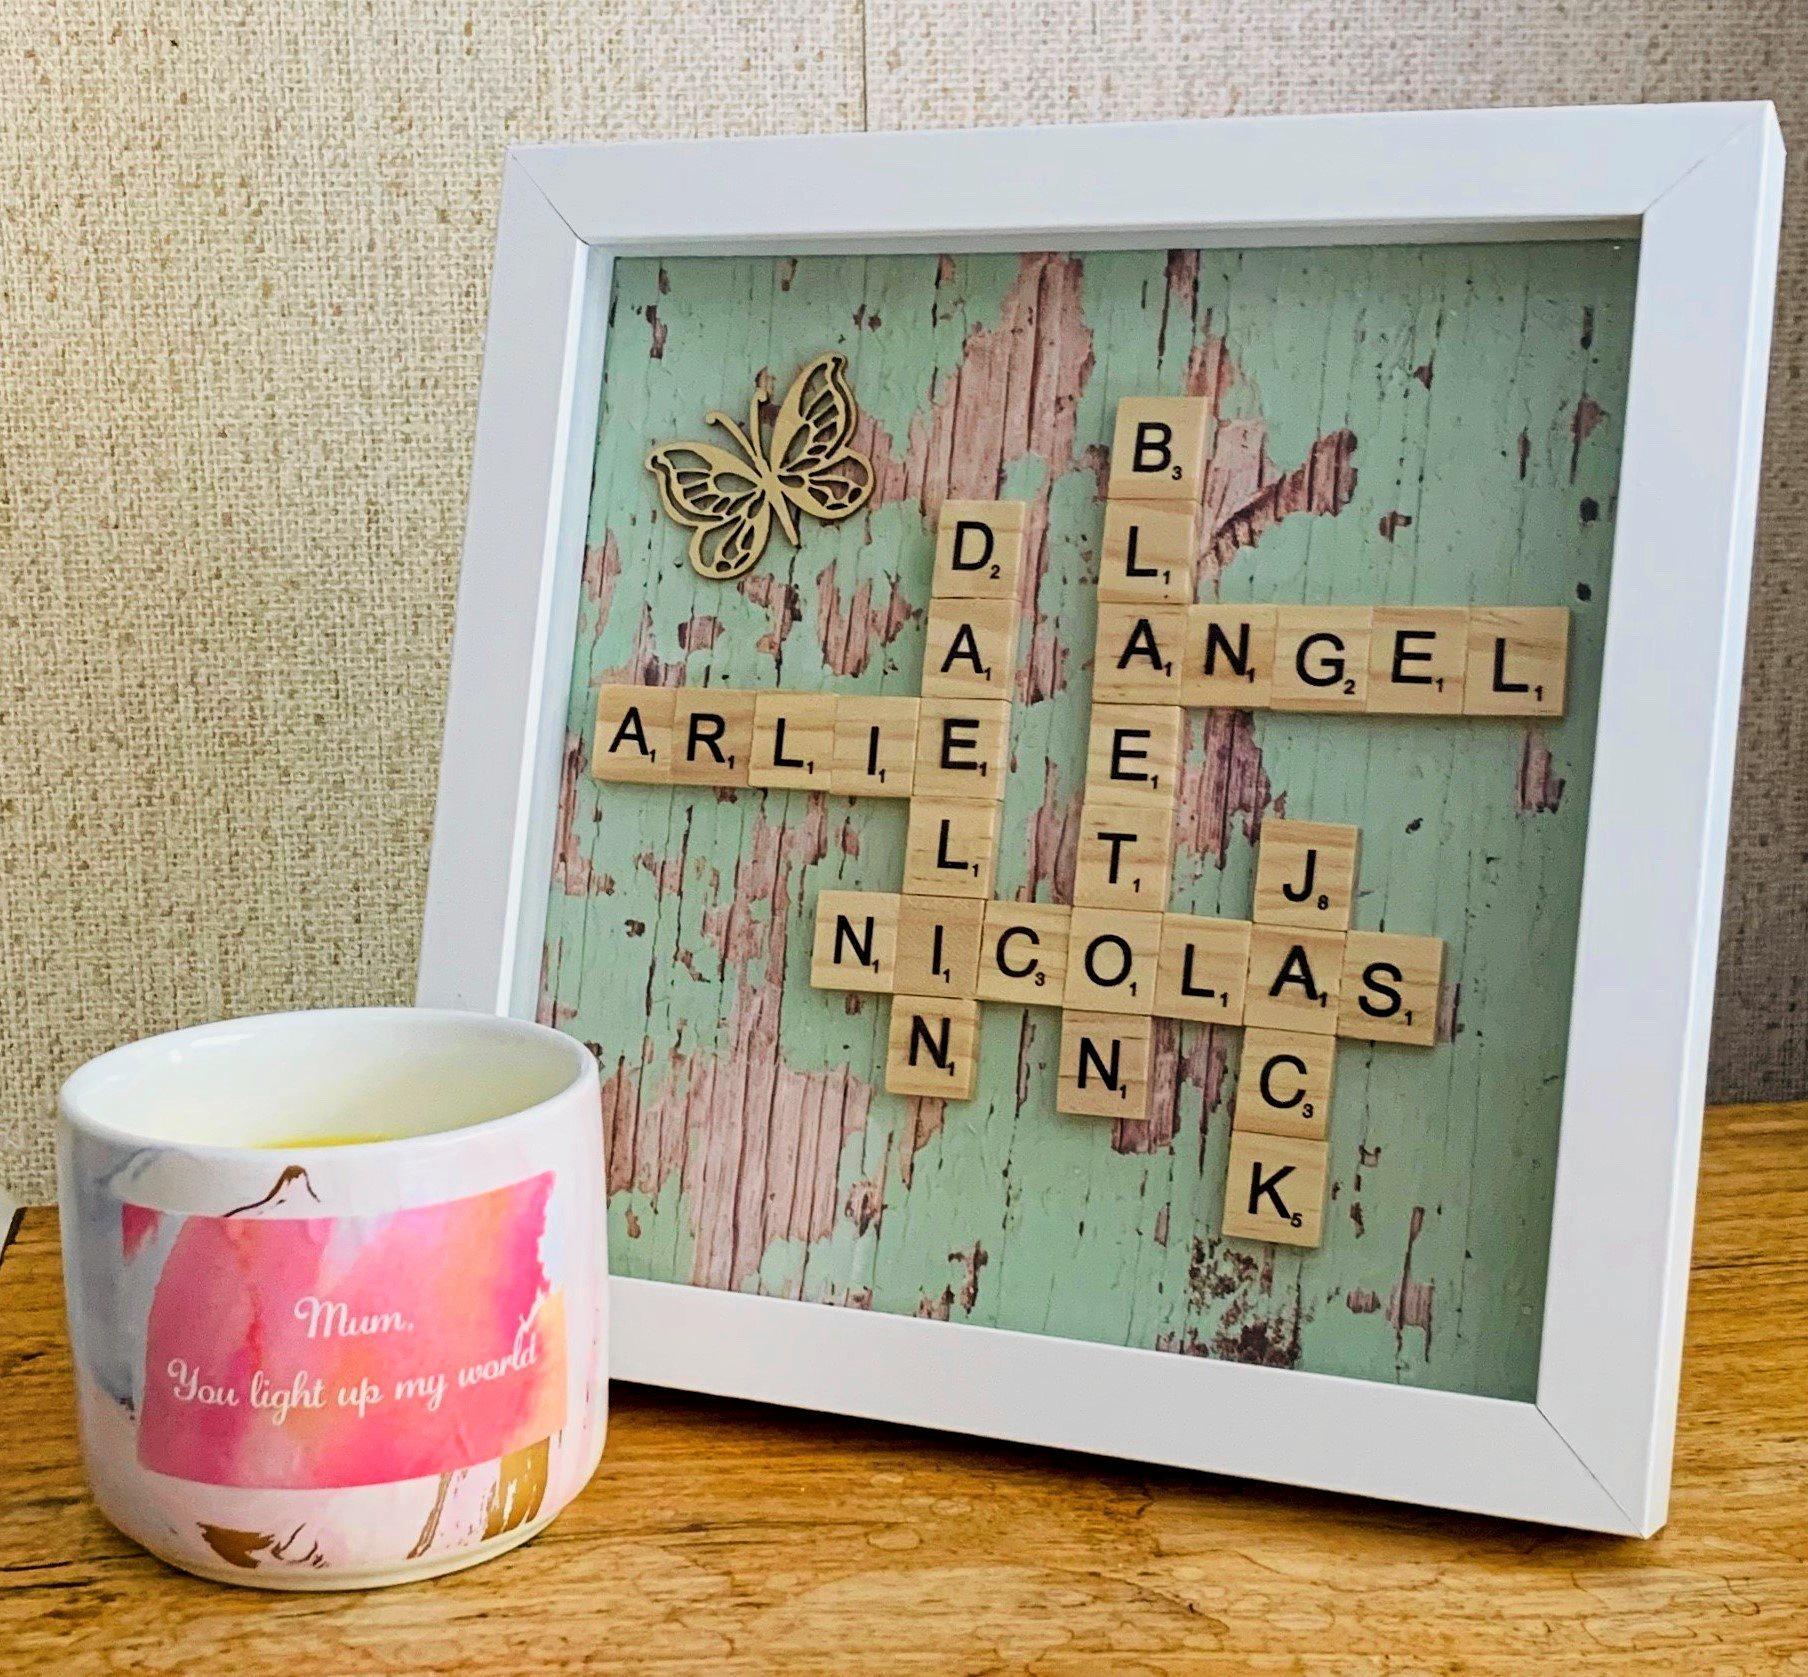 HANDMADE TREASURE: Local artist Kia-Melisse Manders creates beautiful customised gifts to sell online.